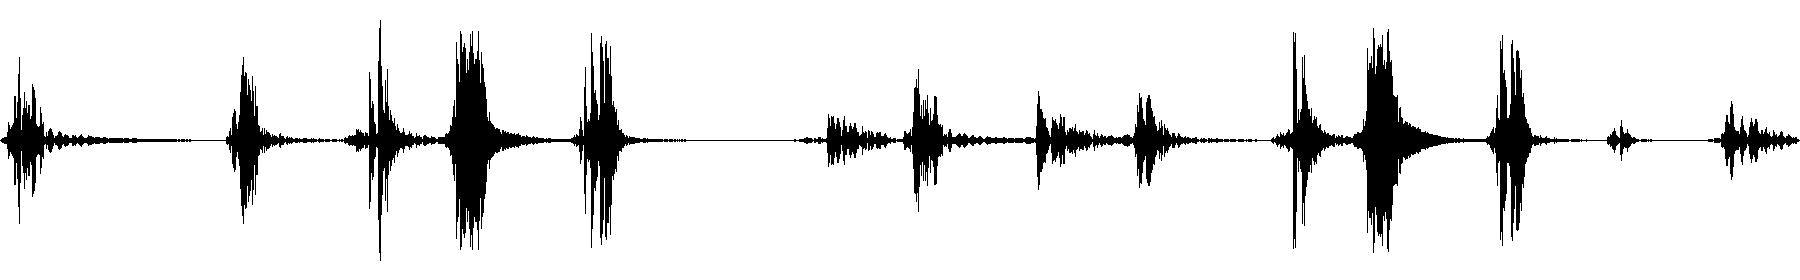 guitarfunk11 80